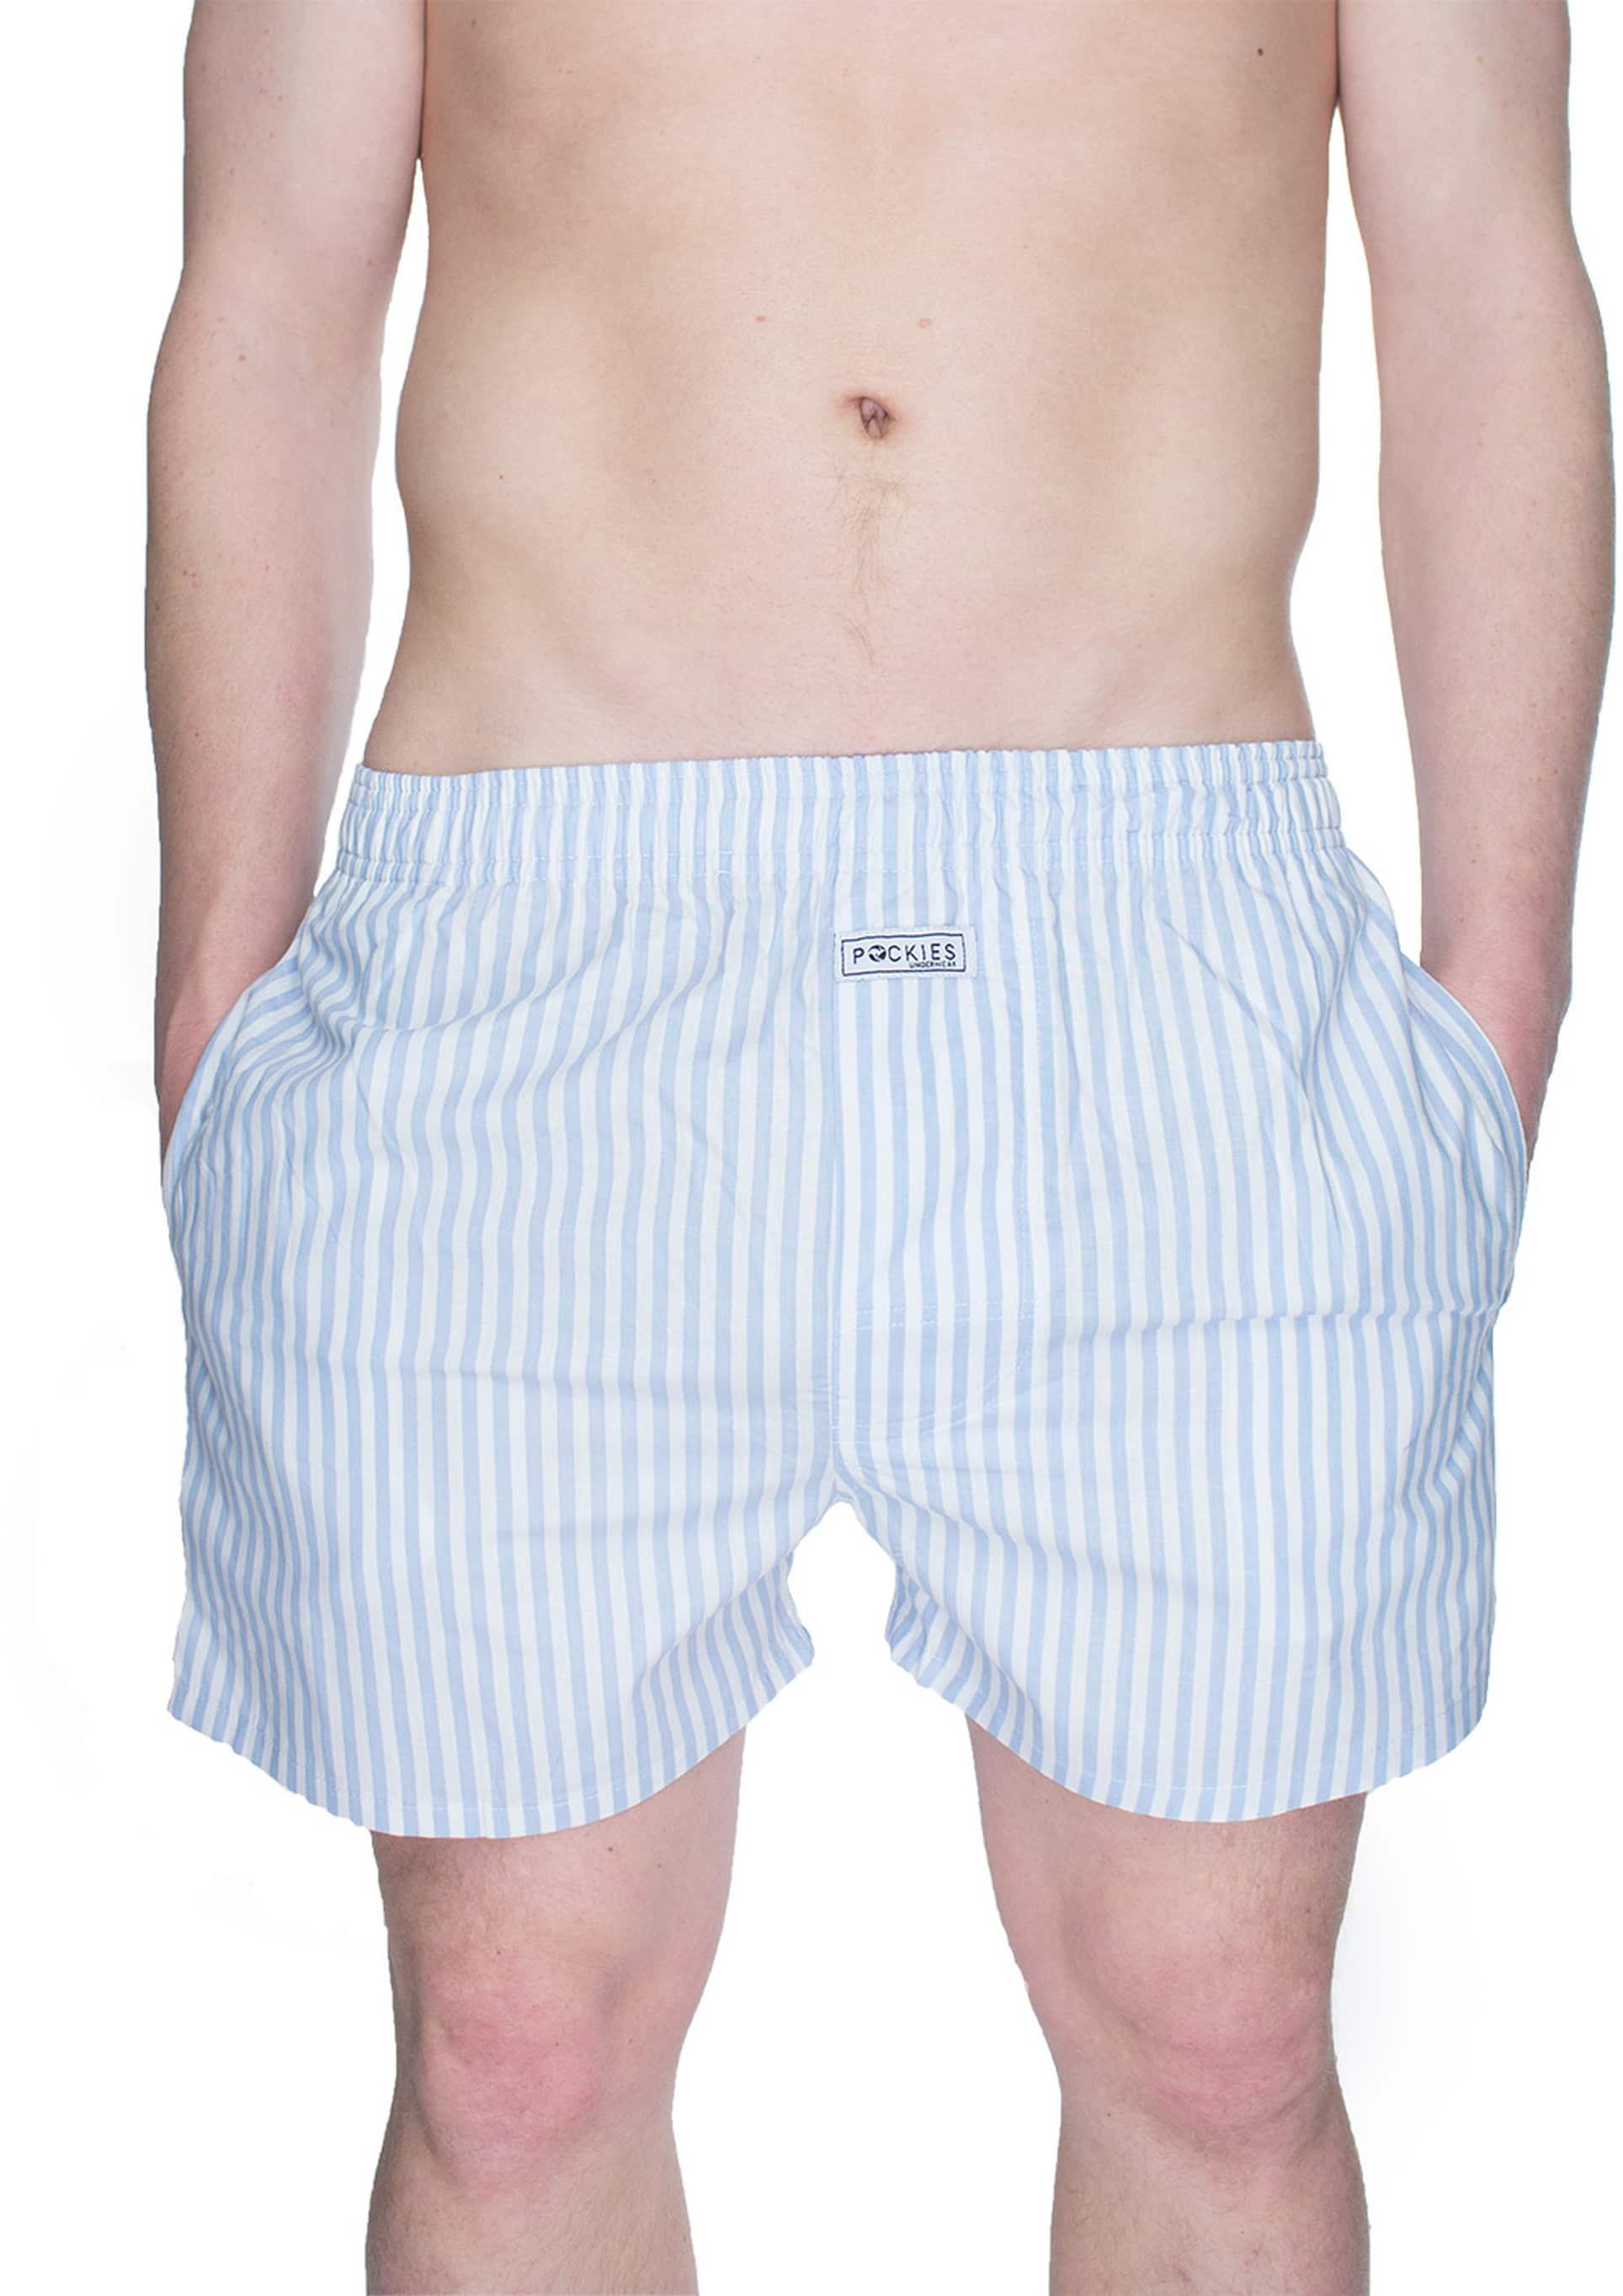 Pockies Boxershort Lichtblauw Strepen foto 2